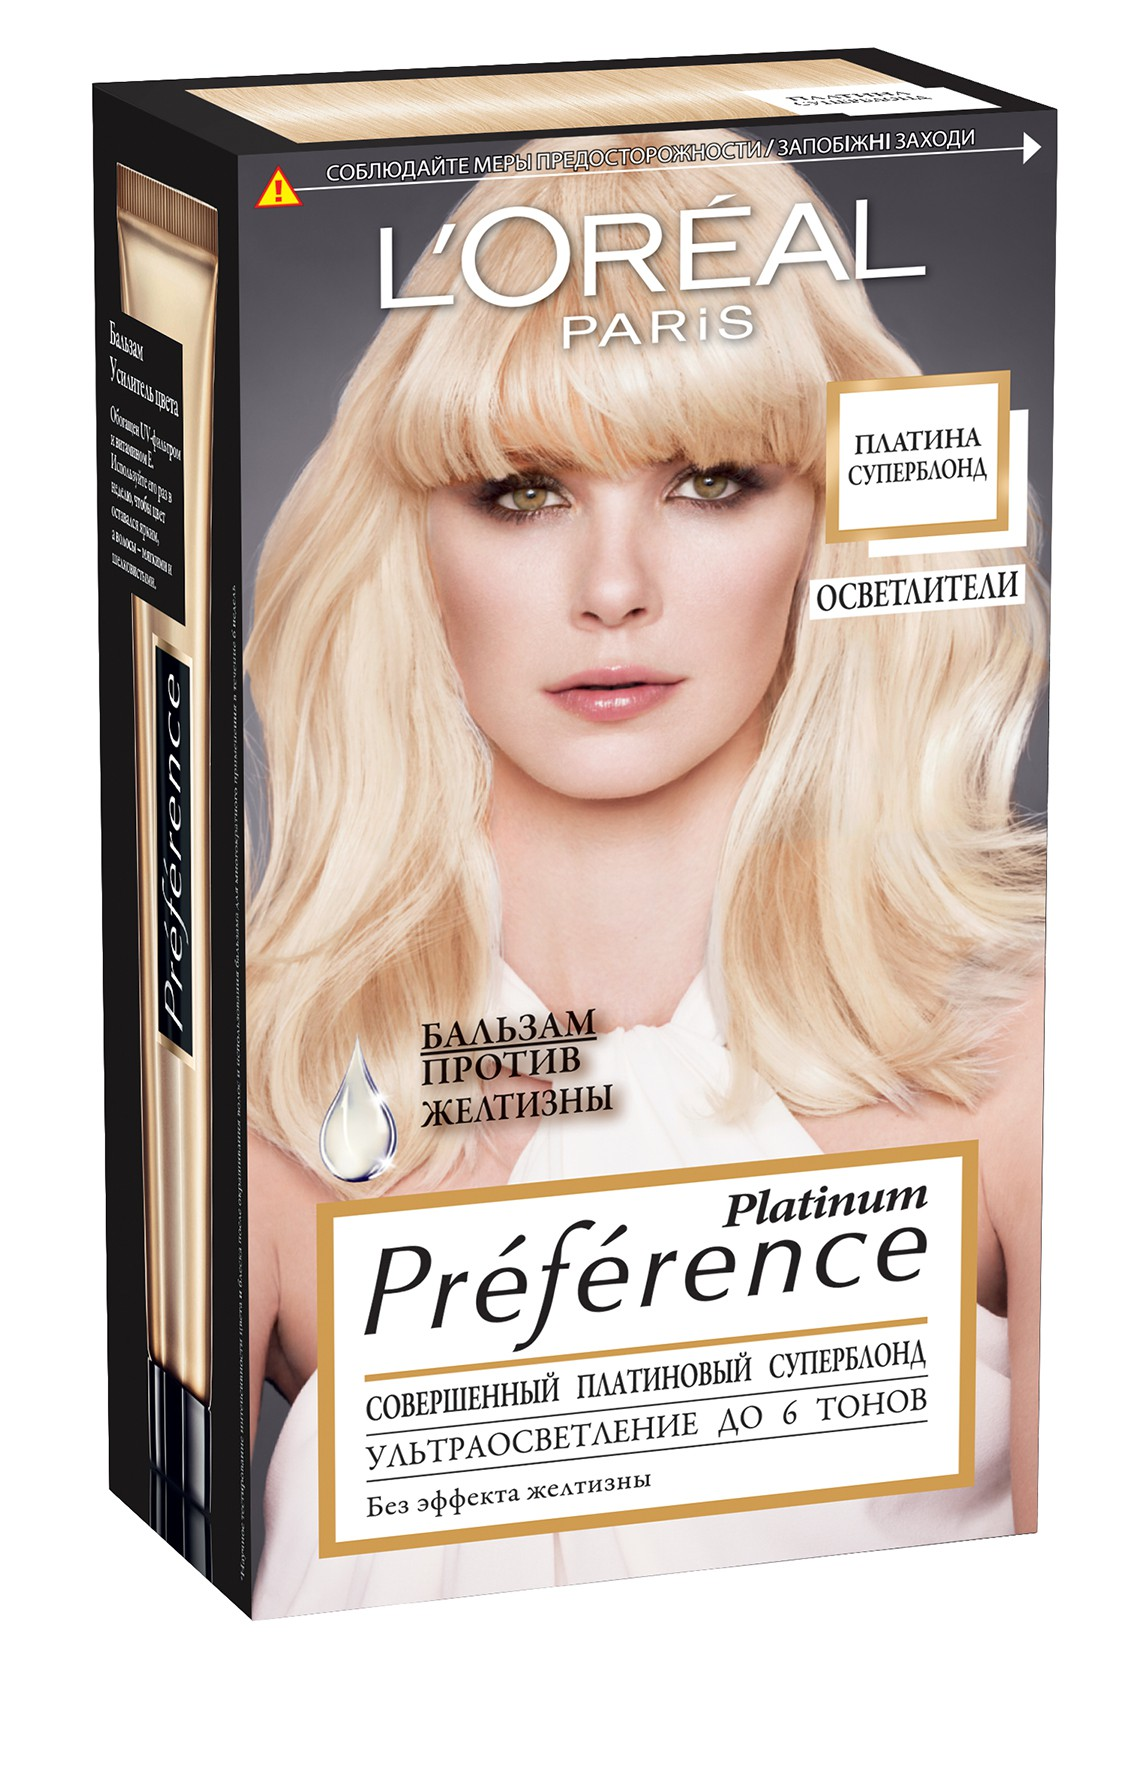 LOreal Paris Стойкая краска для волос Preference, Платина Суперблонд , 6 тонов осветленияA6737001Последнее поколение средств для достижения совершенного ПЛАТИНОВОГО СУПЕРБЛОНДА - краска Preference Platinum от LOreal Paris. Инновационная формула осветляет волосы до 6-ти тонов. Превосходный результат окрашивания волос дома! Бальзам обогащен холодными красителями ПРОТИВ ЖЕЛТИЗНЫ. Комплекс ЭКСТРА-БЛЕСК обеспечивает роскошное сияние надолго!В состав упаковки входит: тюбик с осветляющим кремом (25 мл), флакон с проявляющим кремом (75 мл), упаковка осветляющего порошка (22 г), бальзам против желтизны (54 мл), инструкция по применению, пара перчаток.1. Обеспечивает платиновый блонд и сияние 2. Высокая стойкость 2. Не содержит аммиак 3. Без эффекта желтизны